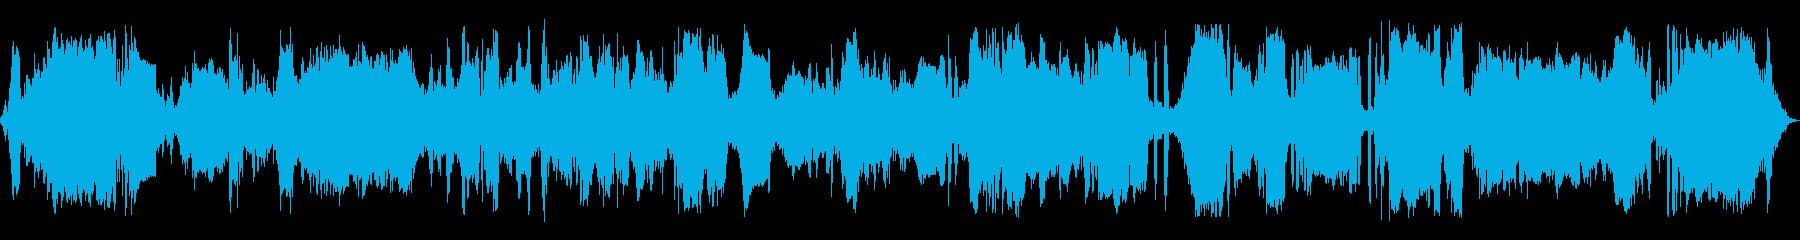 モトクロストラックバックグラウンド...の再生済みの波形